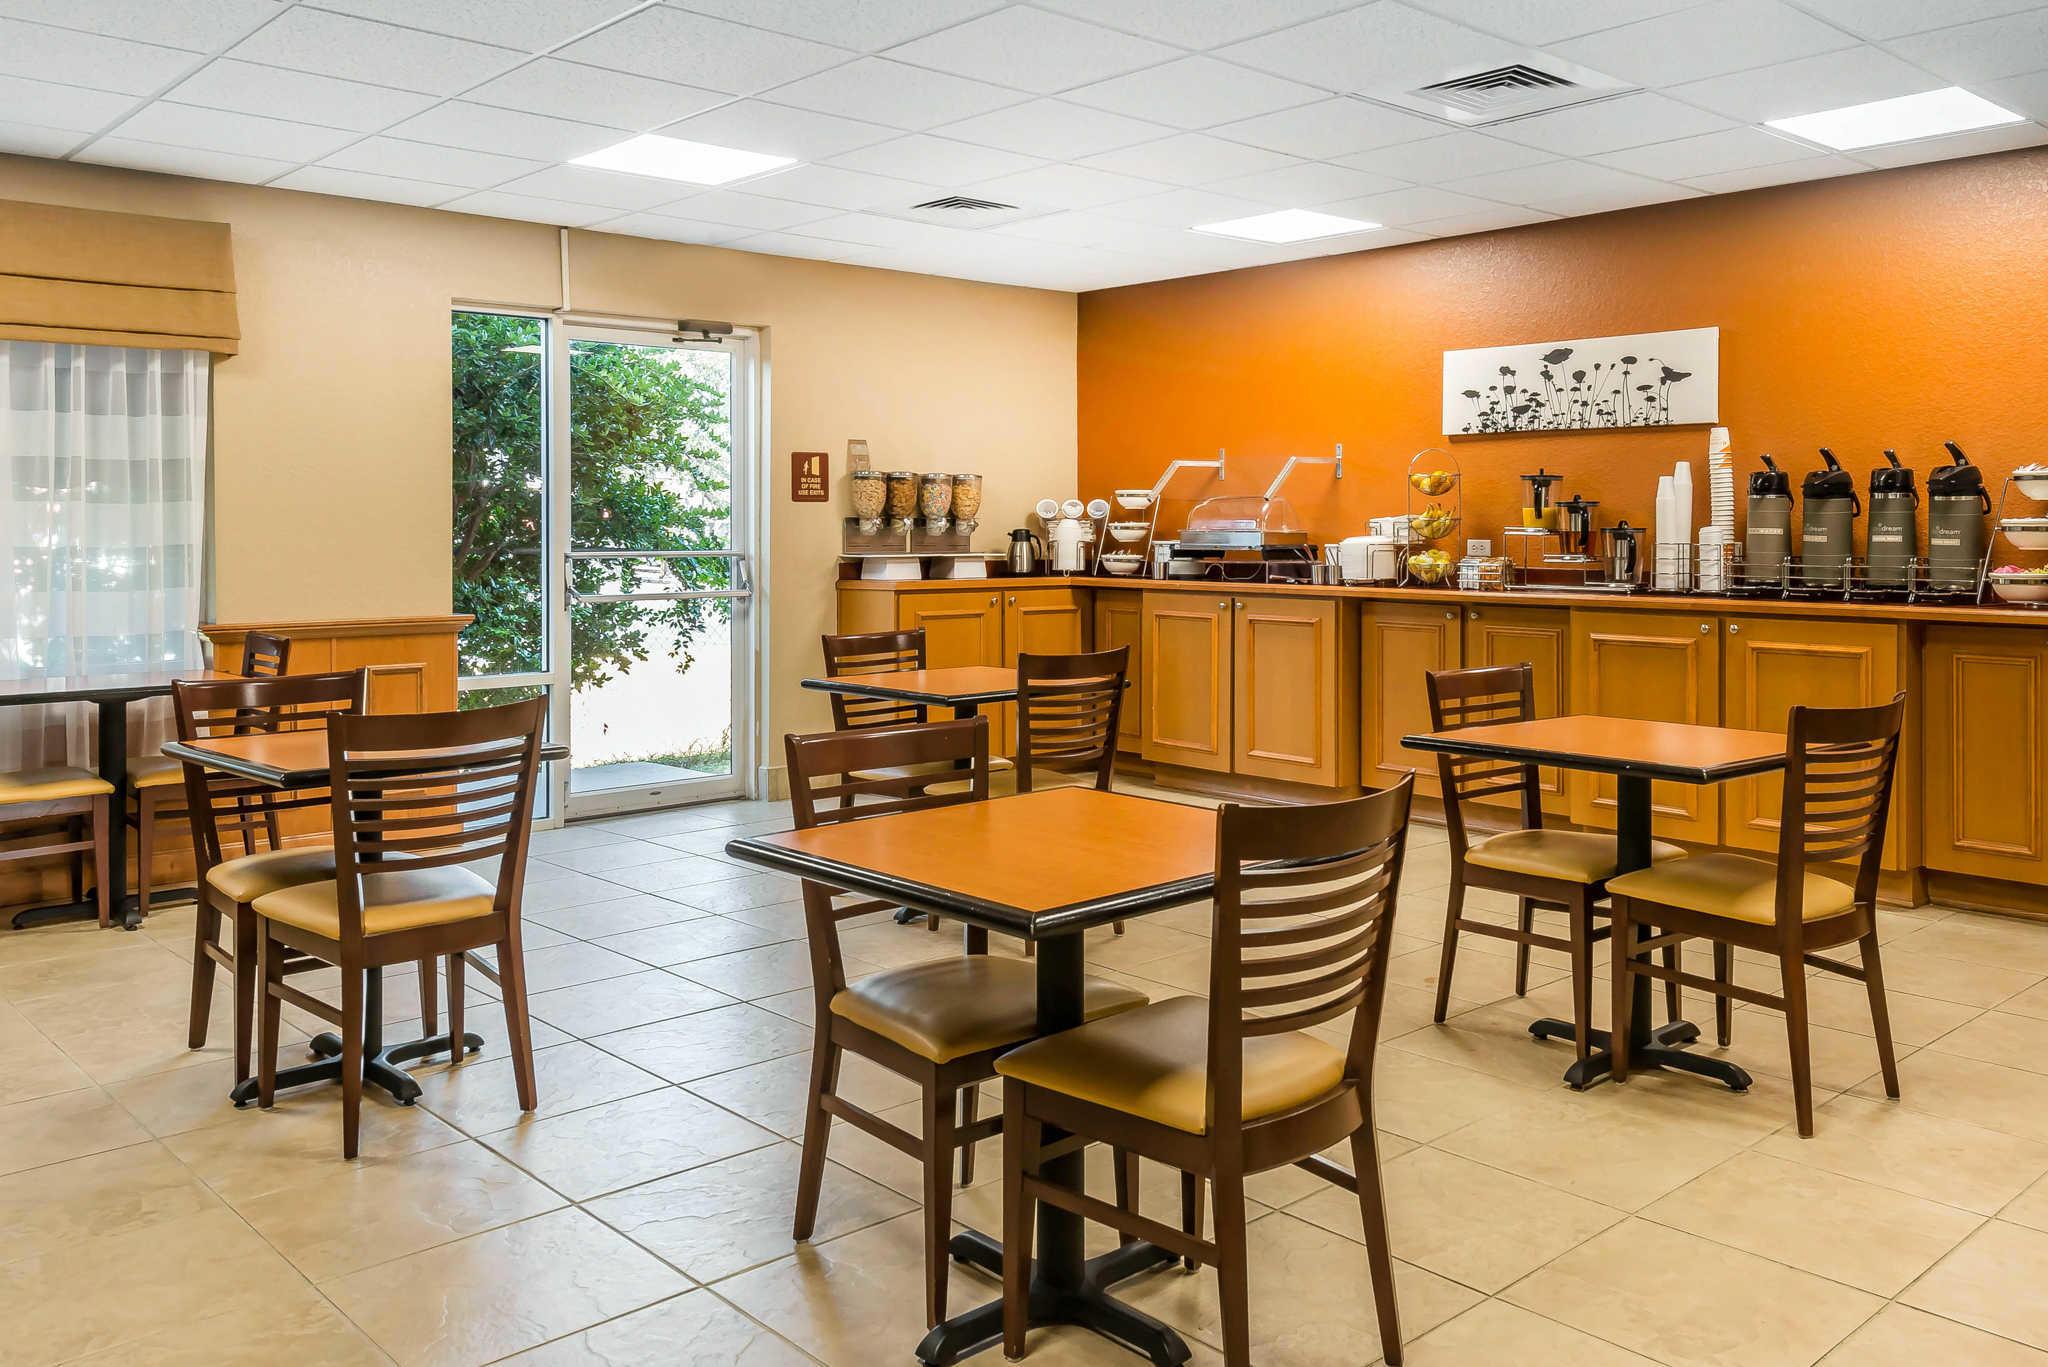 Sleep Inn & Suites Ocala - Belleview image 31